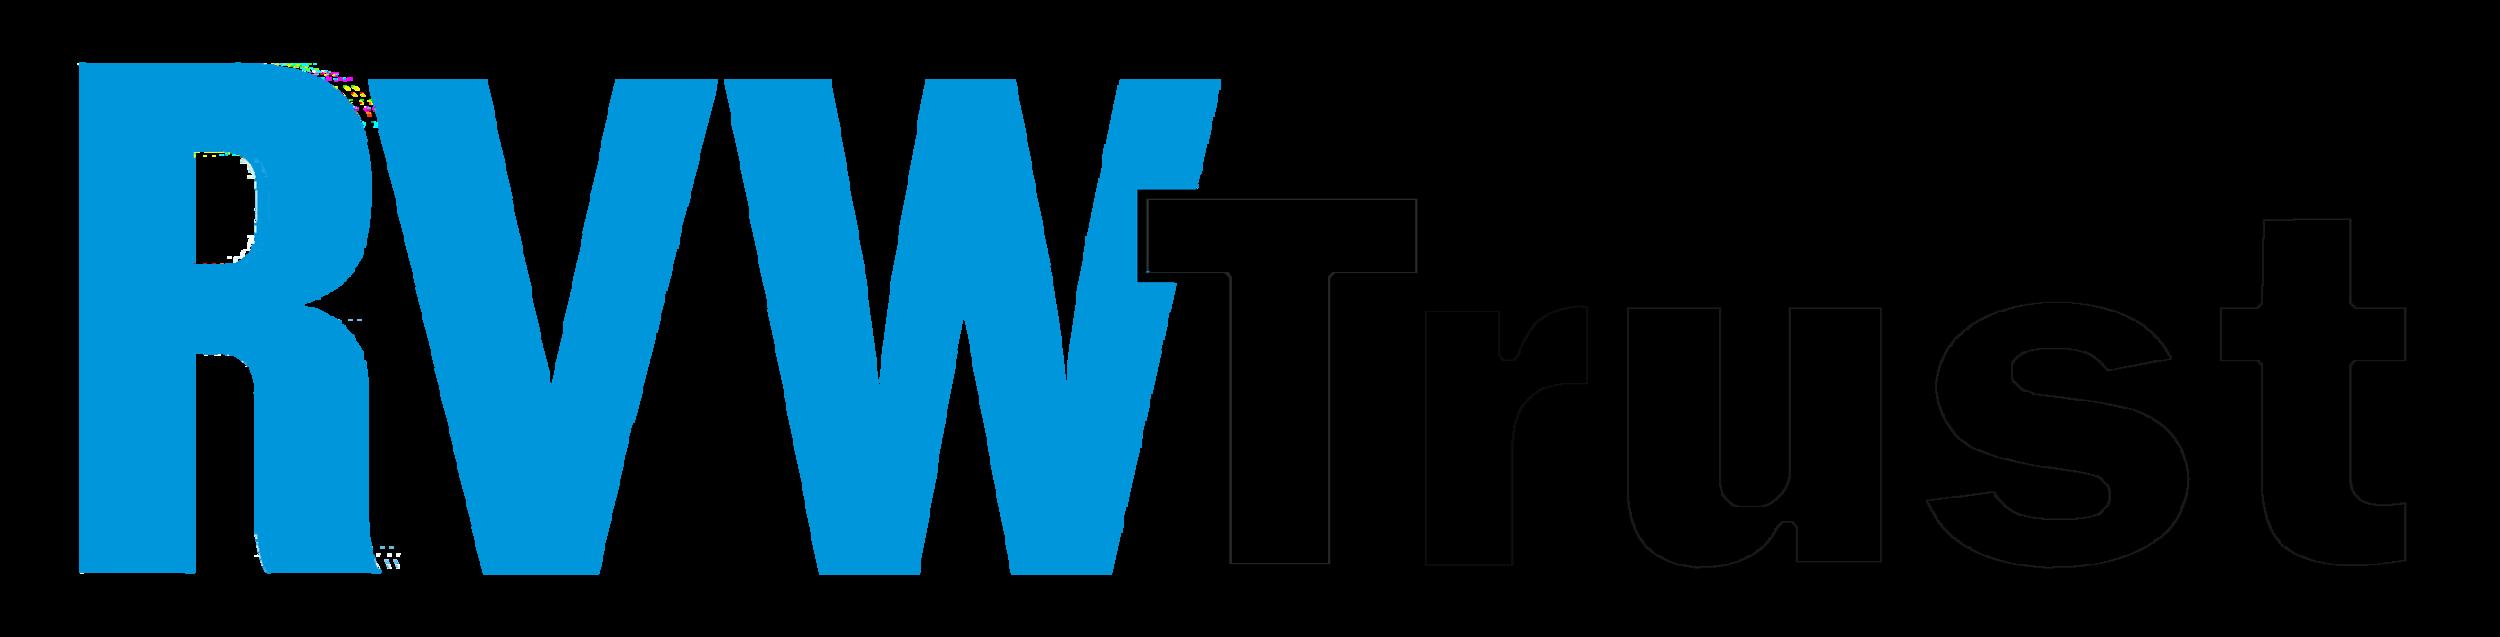 New Master logo May 2019 A.png